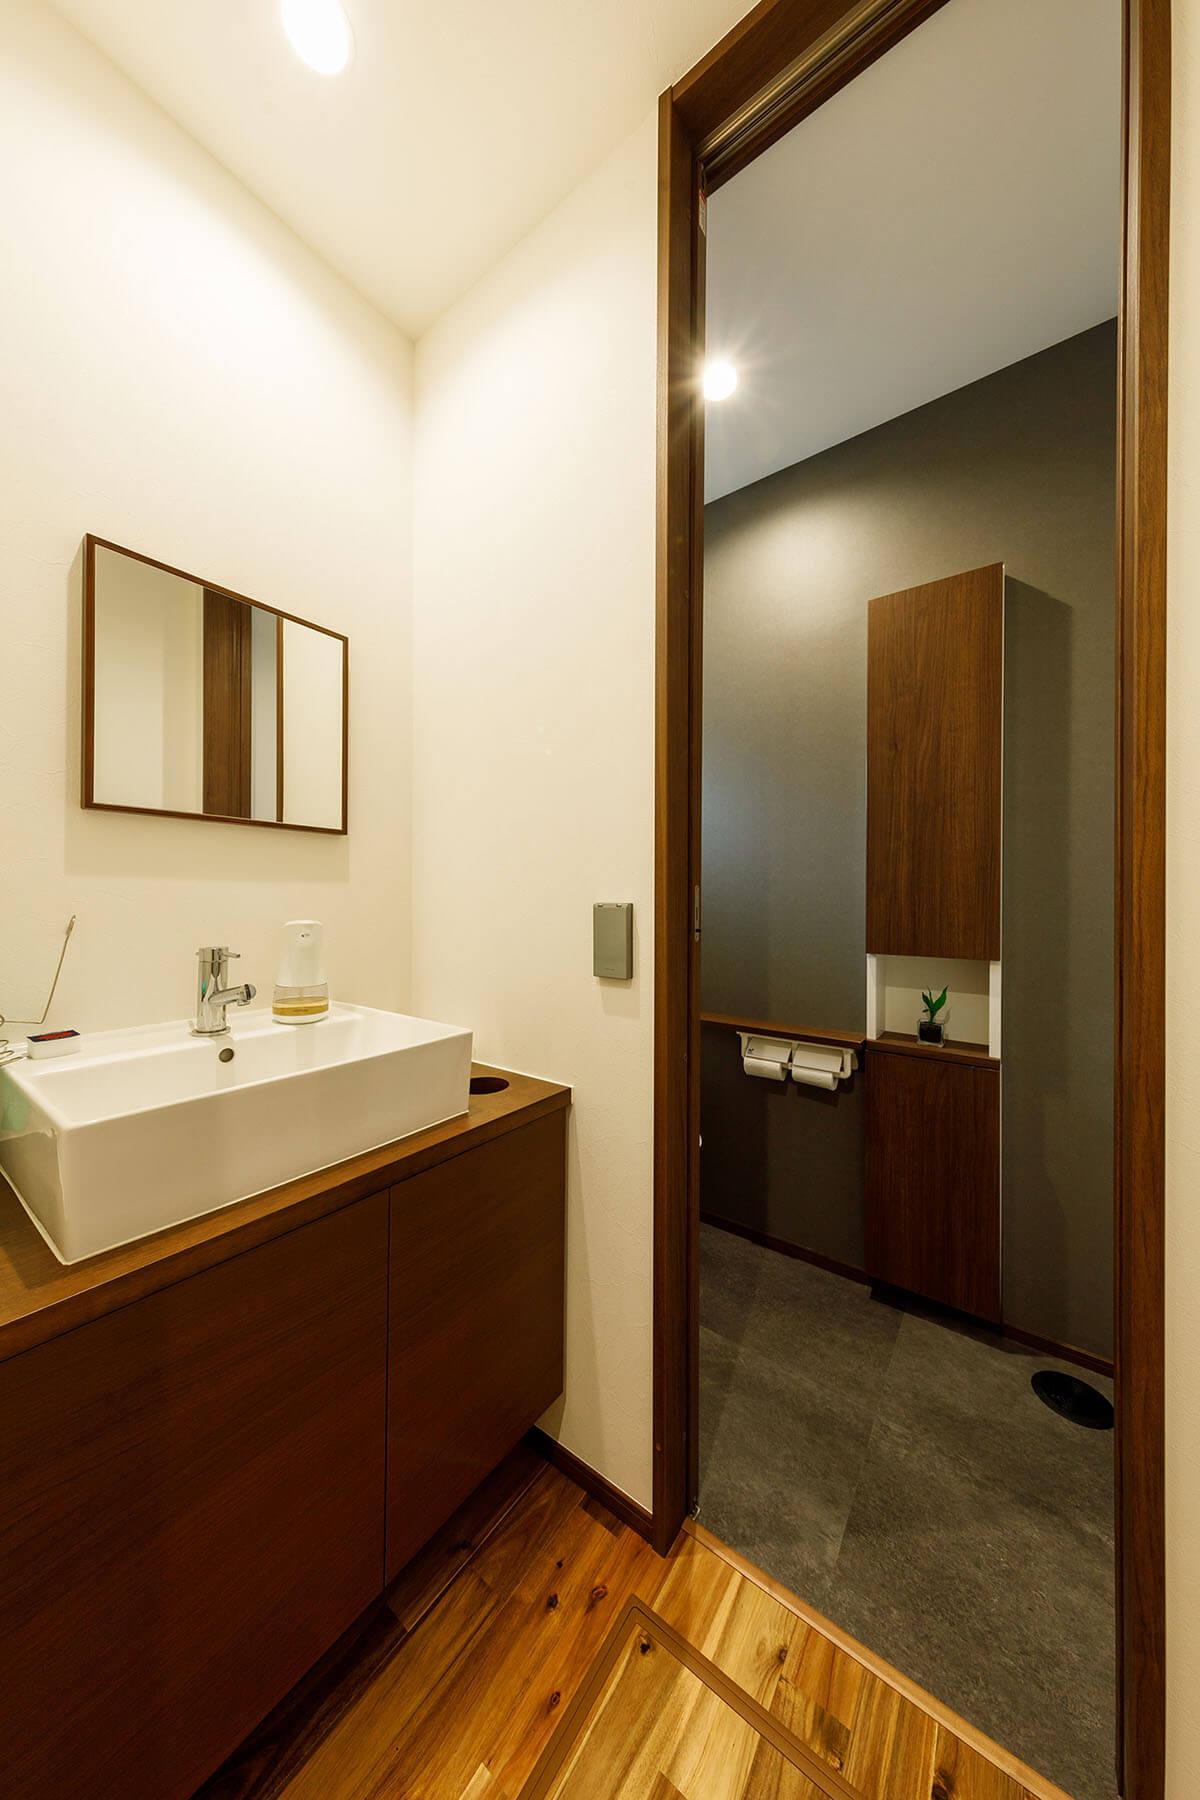 1階のトイレと手洗いコーナー。まるでホテルのような高級感あふれる仕上がりに。